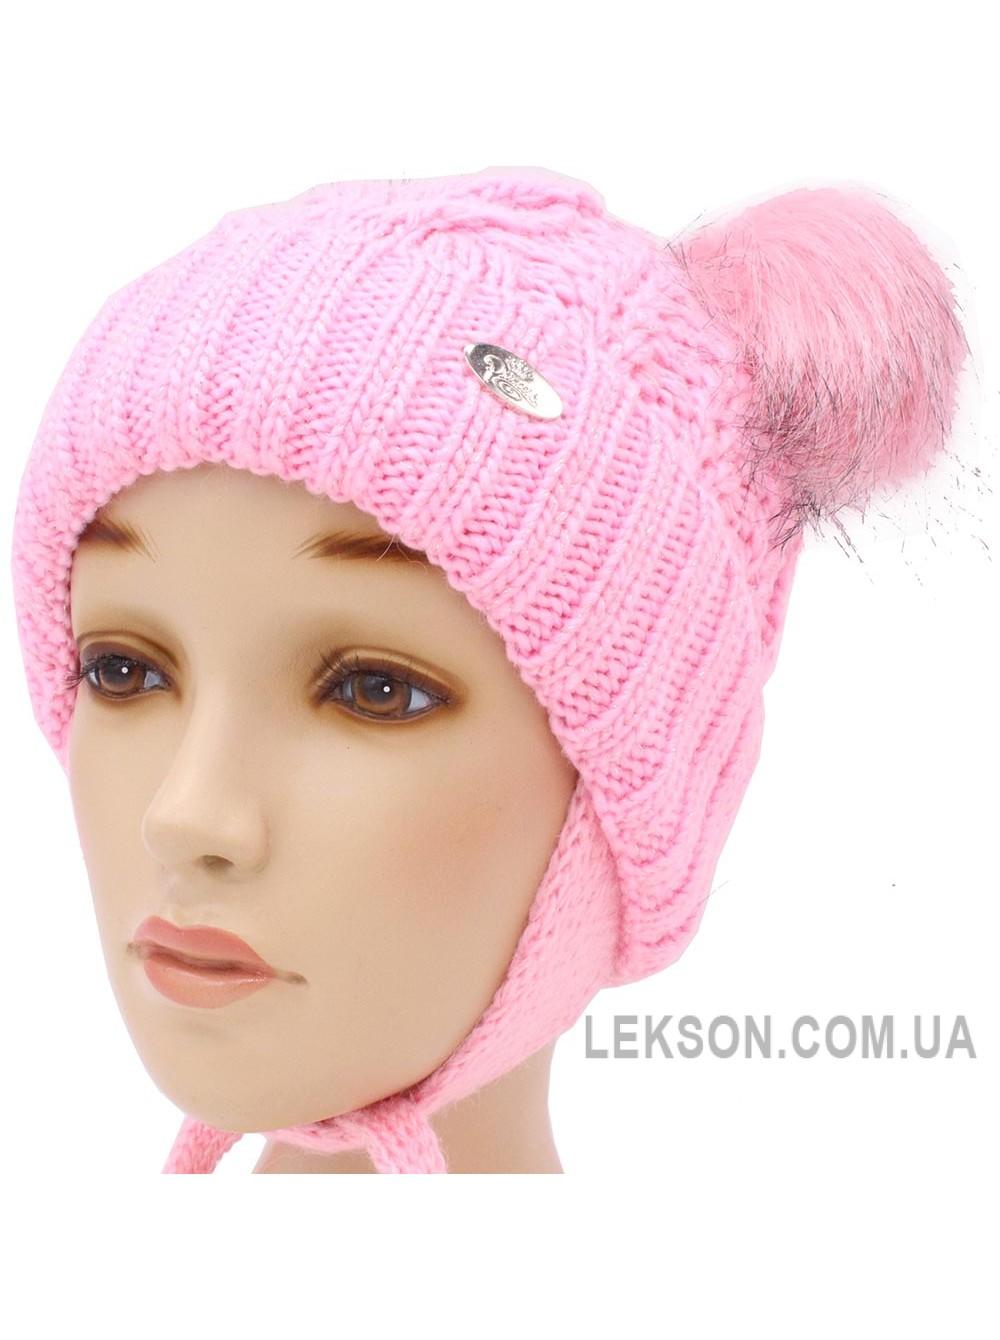 Детская вязаная шапка Эмили D52137-46-50